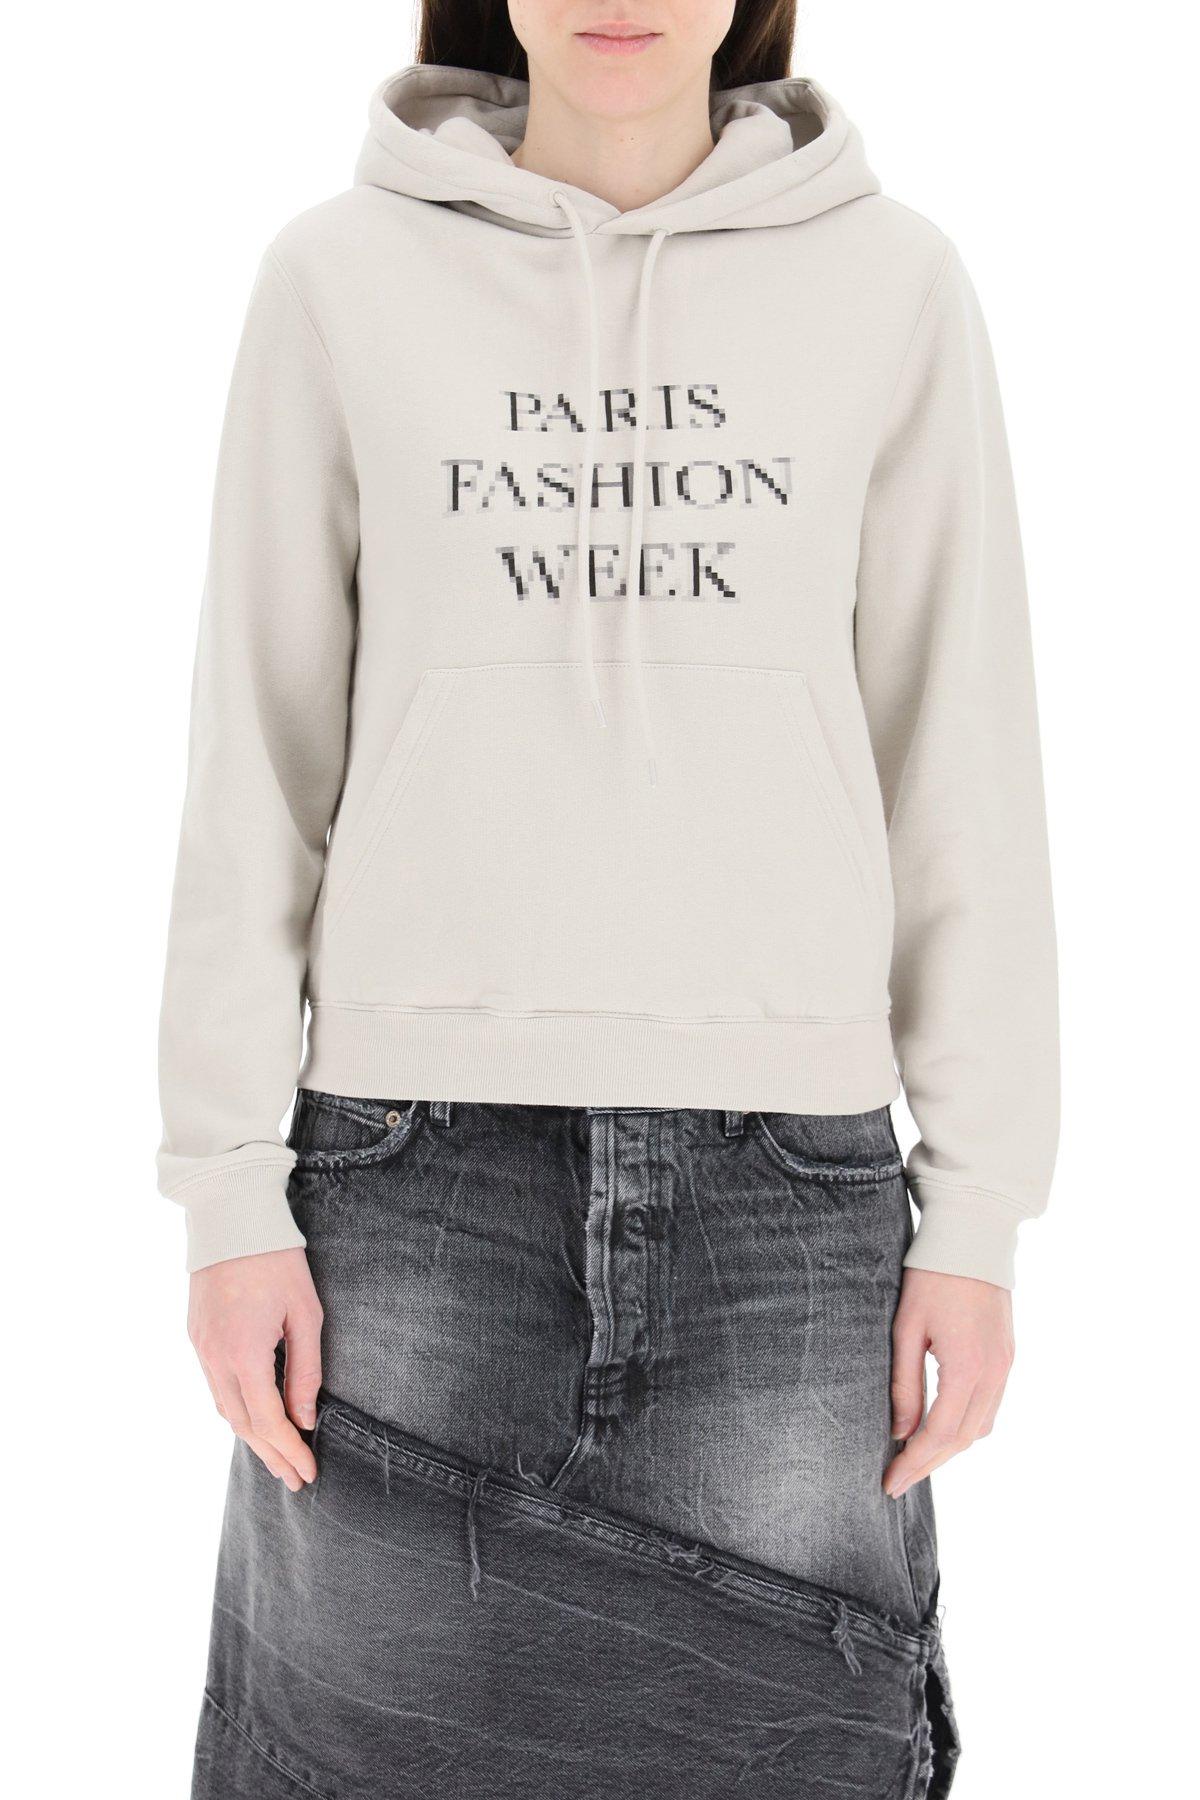 Balenciaga felpa fashion week medium